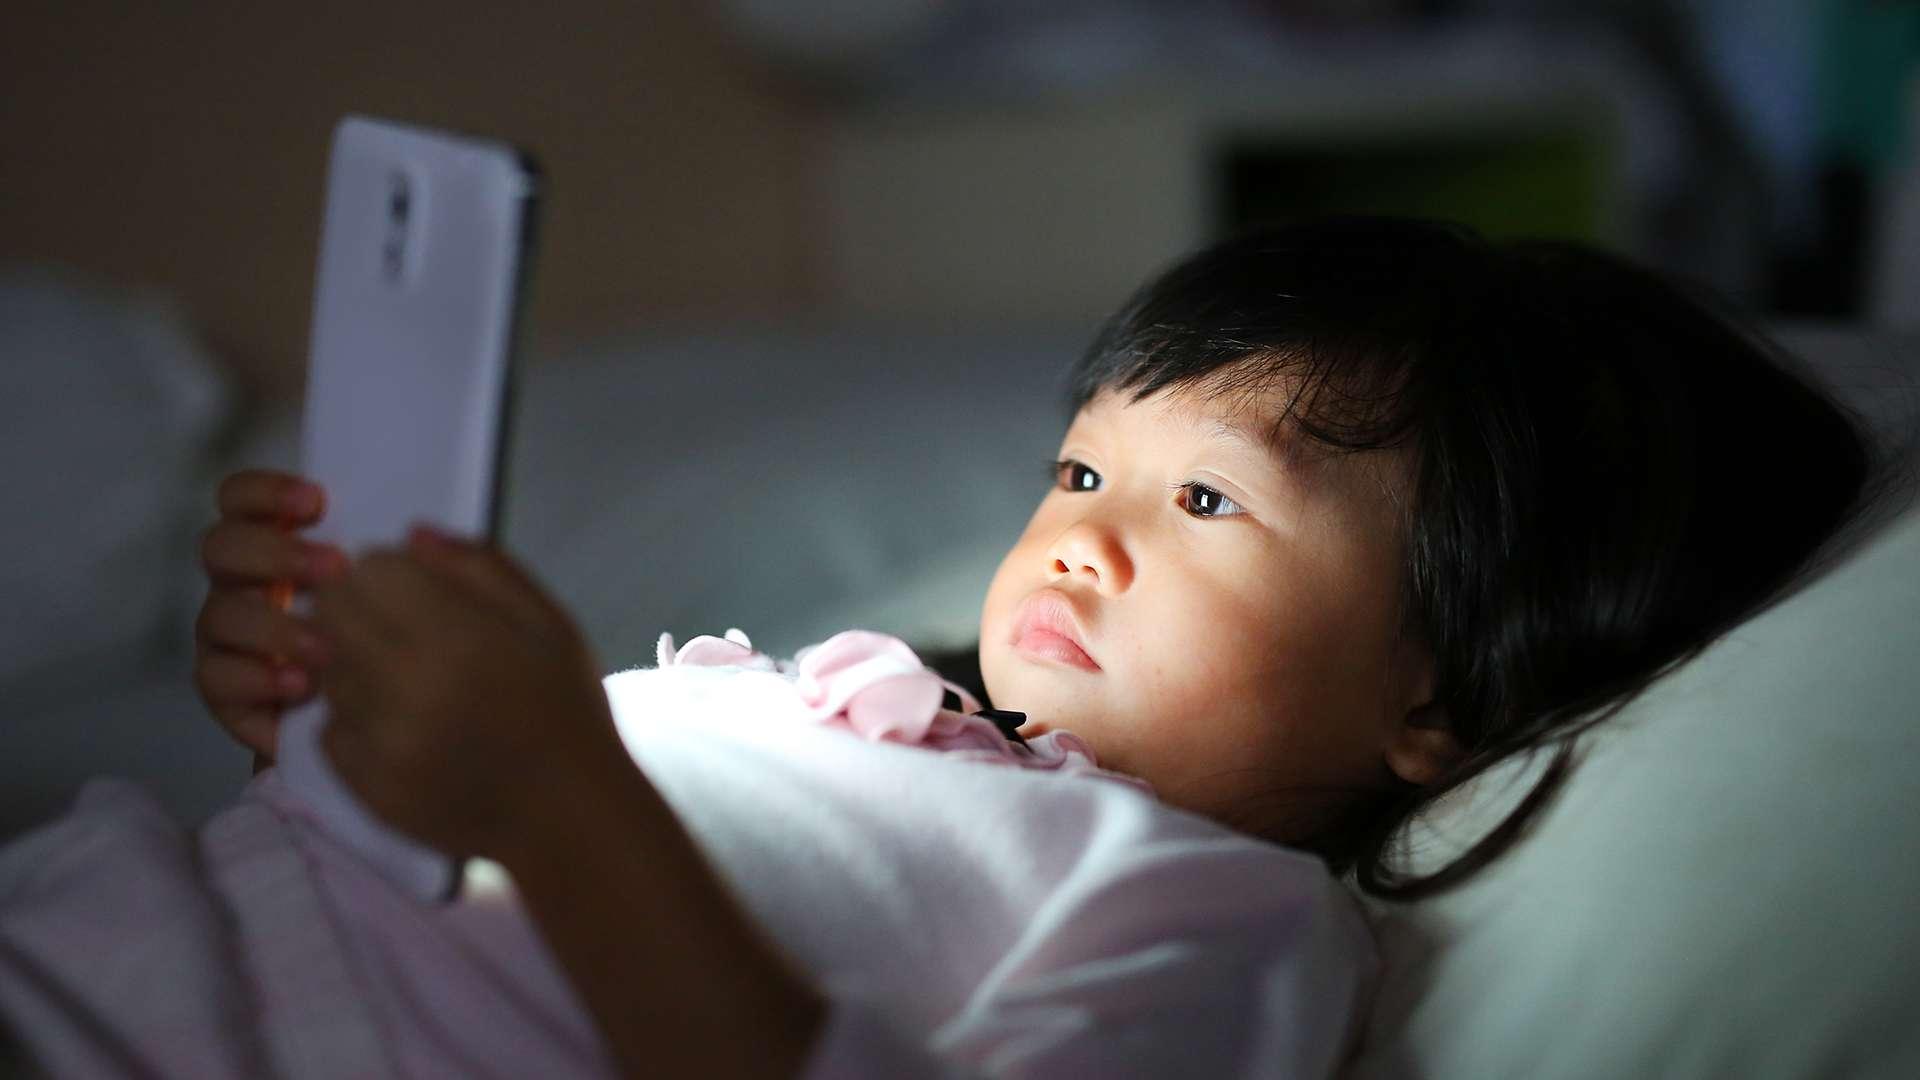 Sử dụng thiết bị điện tử quá nhiều, đặc biệt là trước khi đi ngủ làm giảm khả năng phát triển não bộ, khiến trẻ tiếp nhận thông tin thụ động và dễ gây mất tập trung.